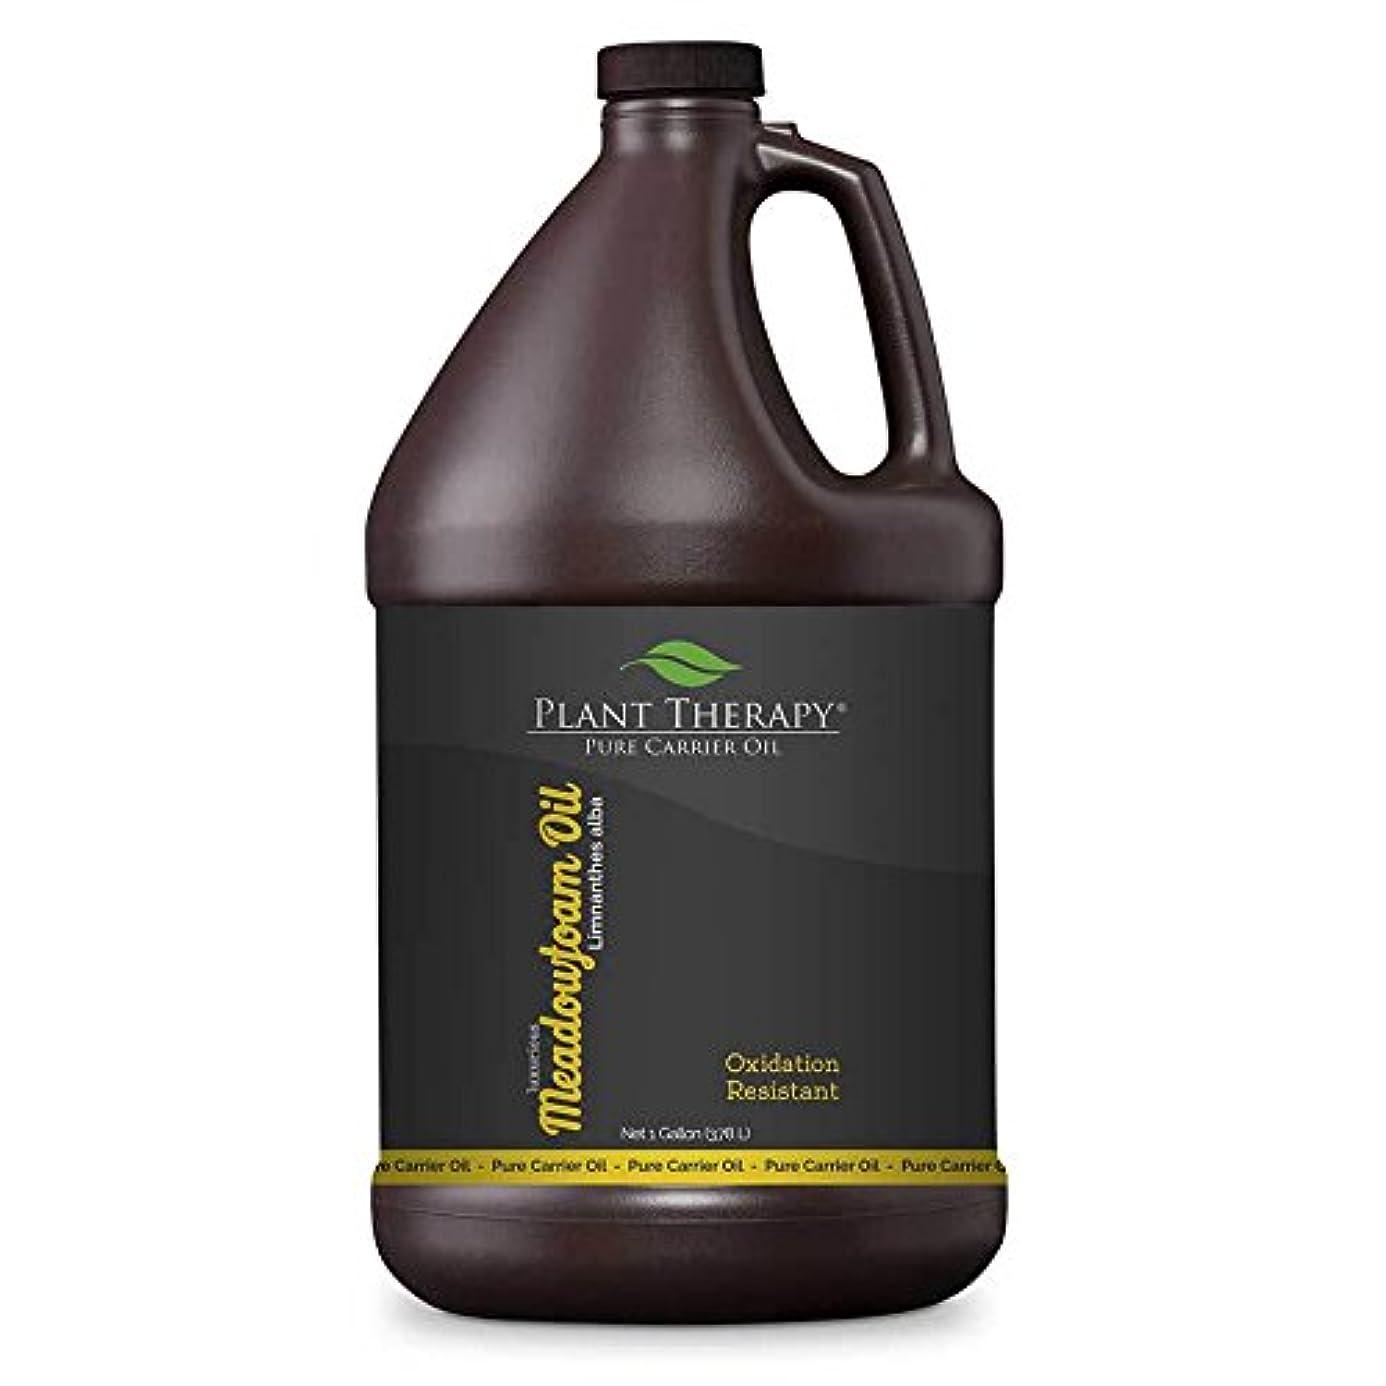 グリル禁止ぶどうメドウフォームキャリアオイル。 1ガロン。アロマセラピー、エッセンシャルオイルやマッサージ用基油。